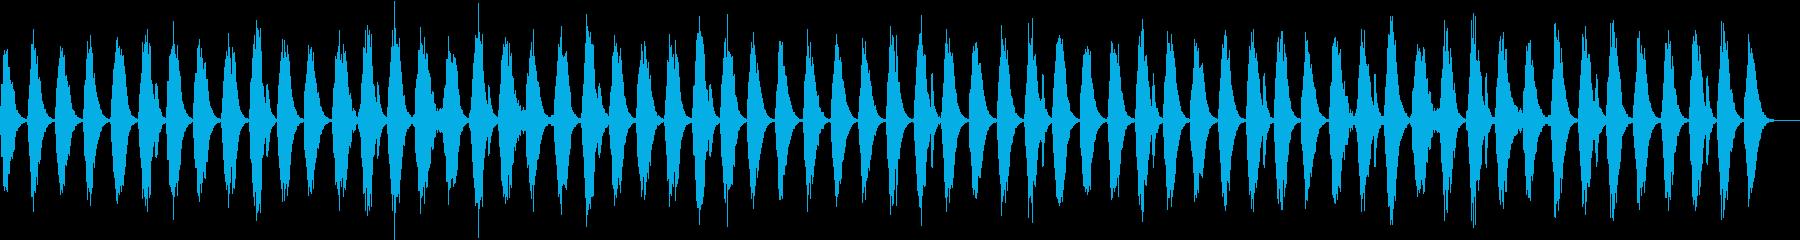 痛みを軽減して、深い眠りへ誘う音楽の再生済みの波形